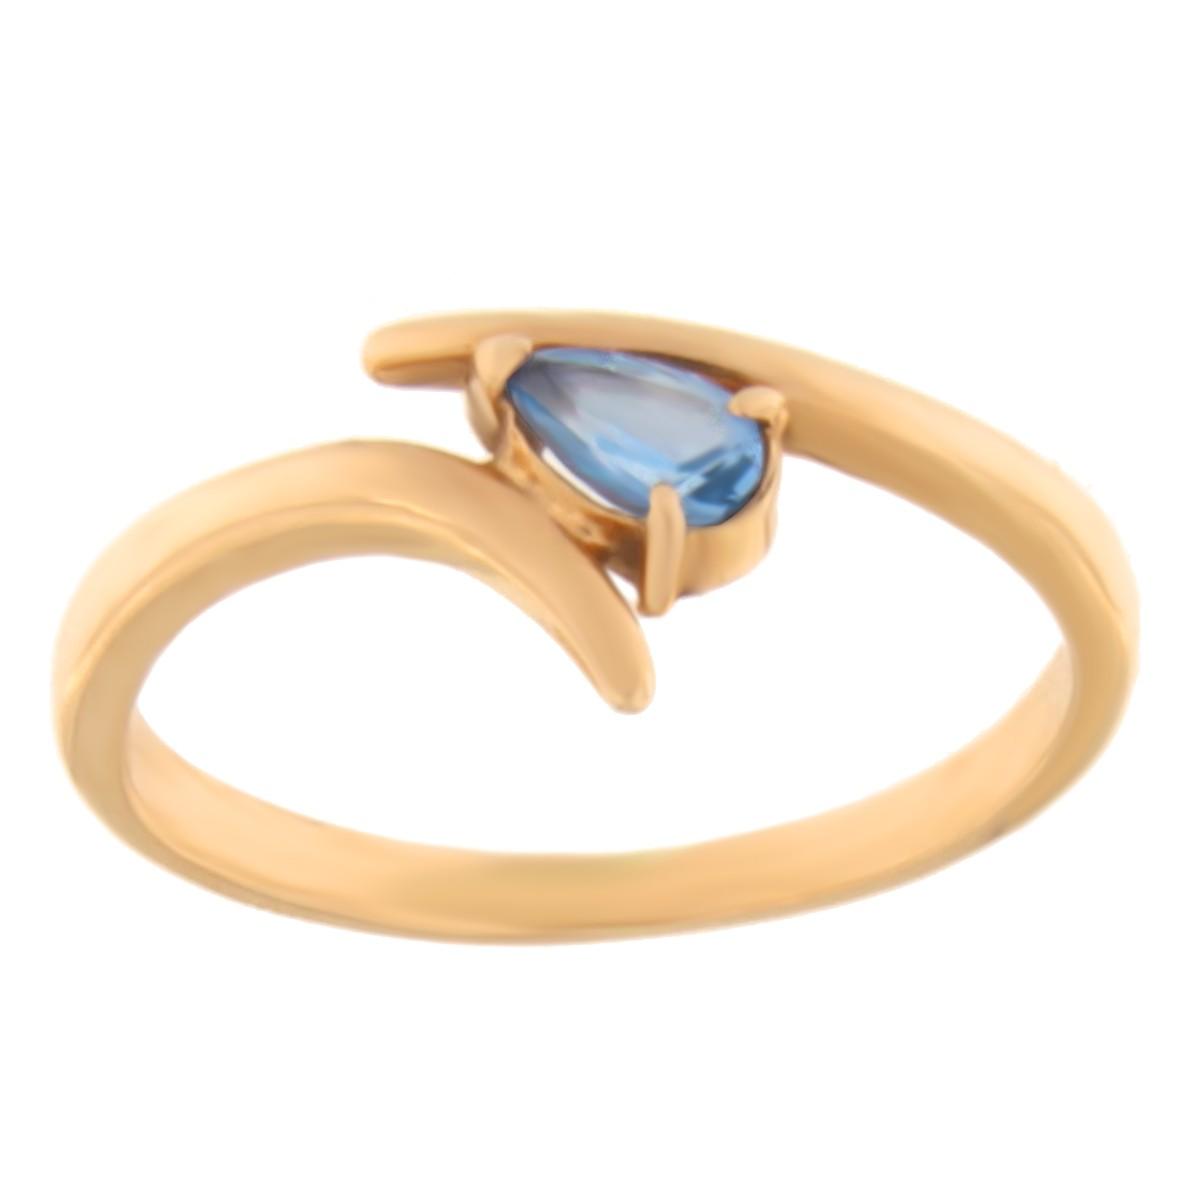 Kullast sõrmus tsirkooniga Kood: 03022309j